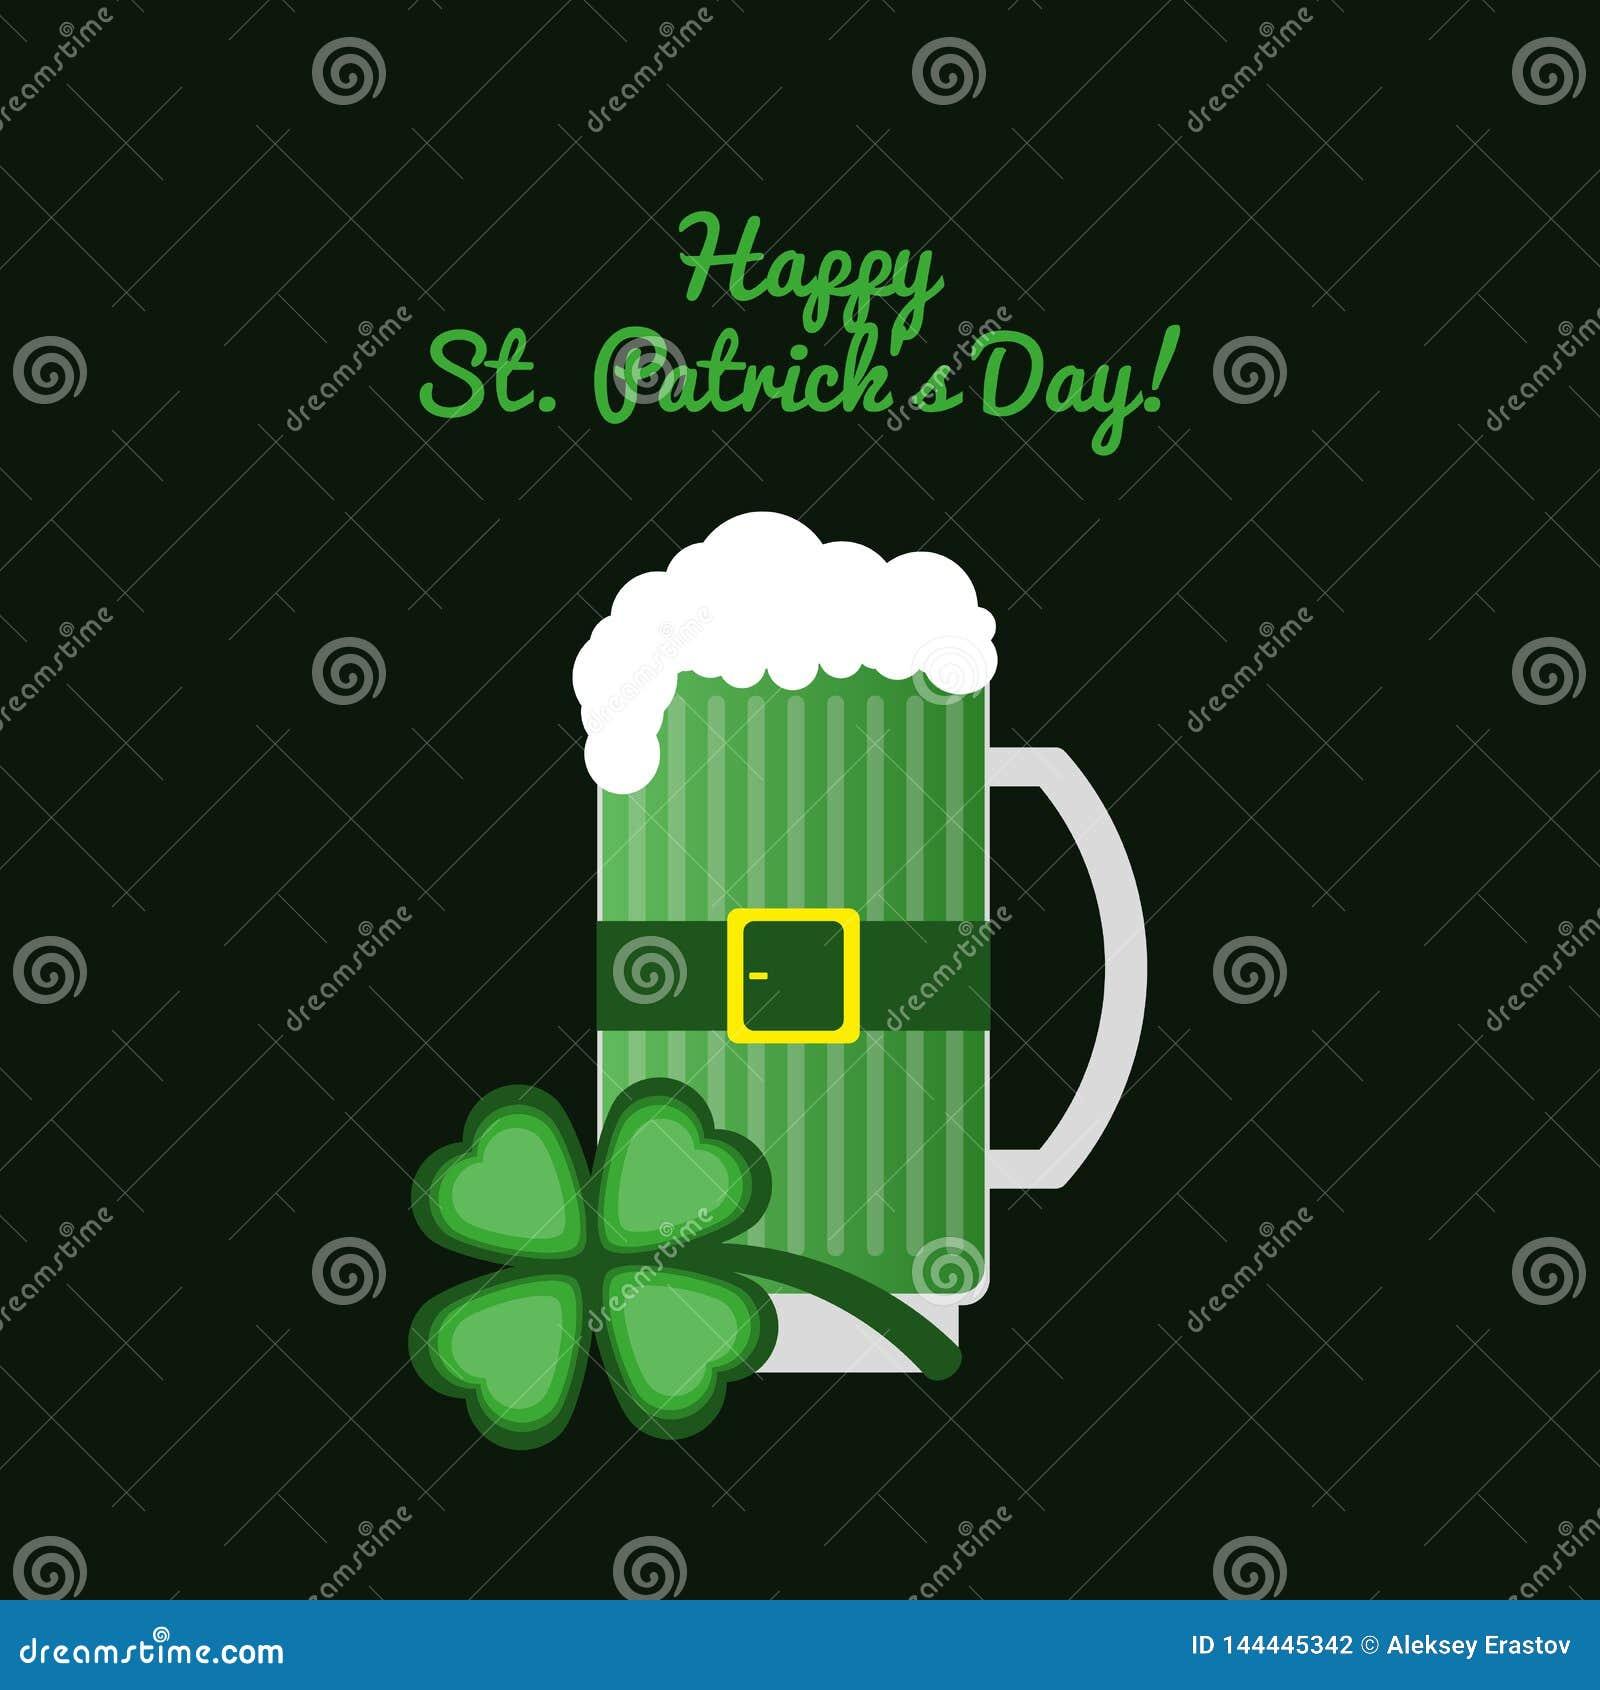 Kort med lyckliga Stets Patrick för text dag! Råna öl med växt av släktet Trifolium på en mörk bakgrund